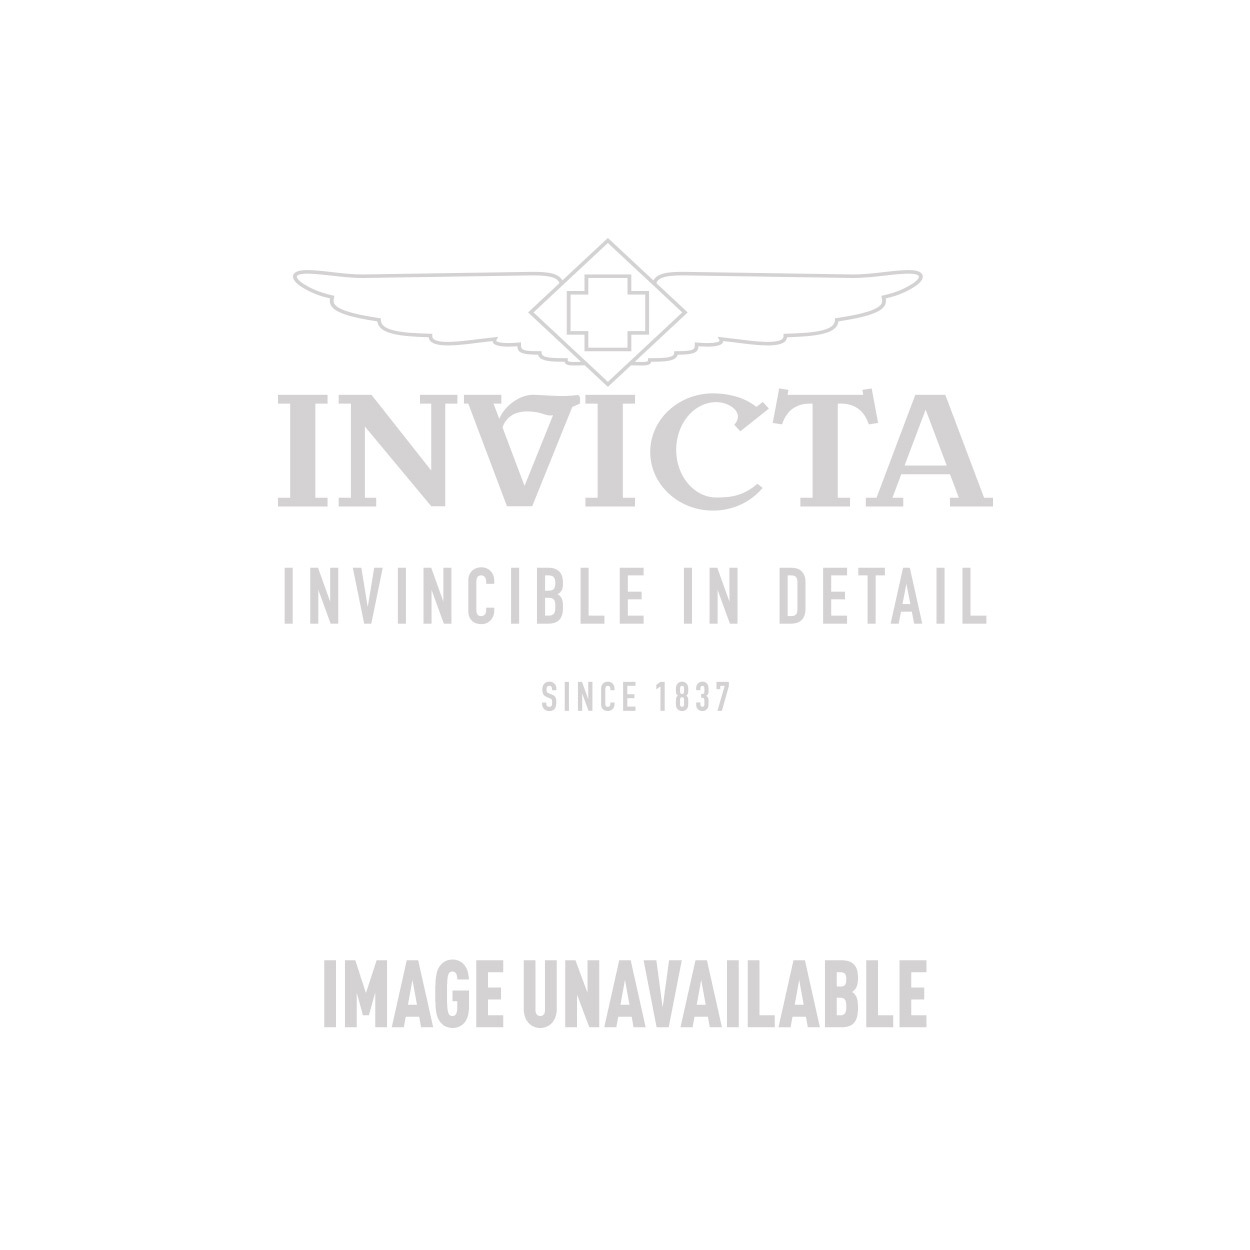 Invicta Model 28076